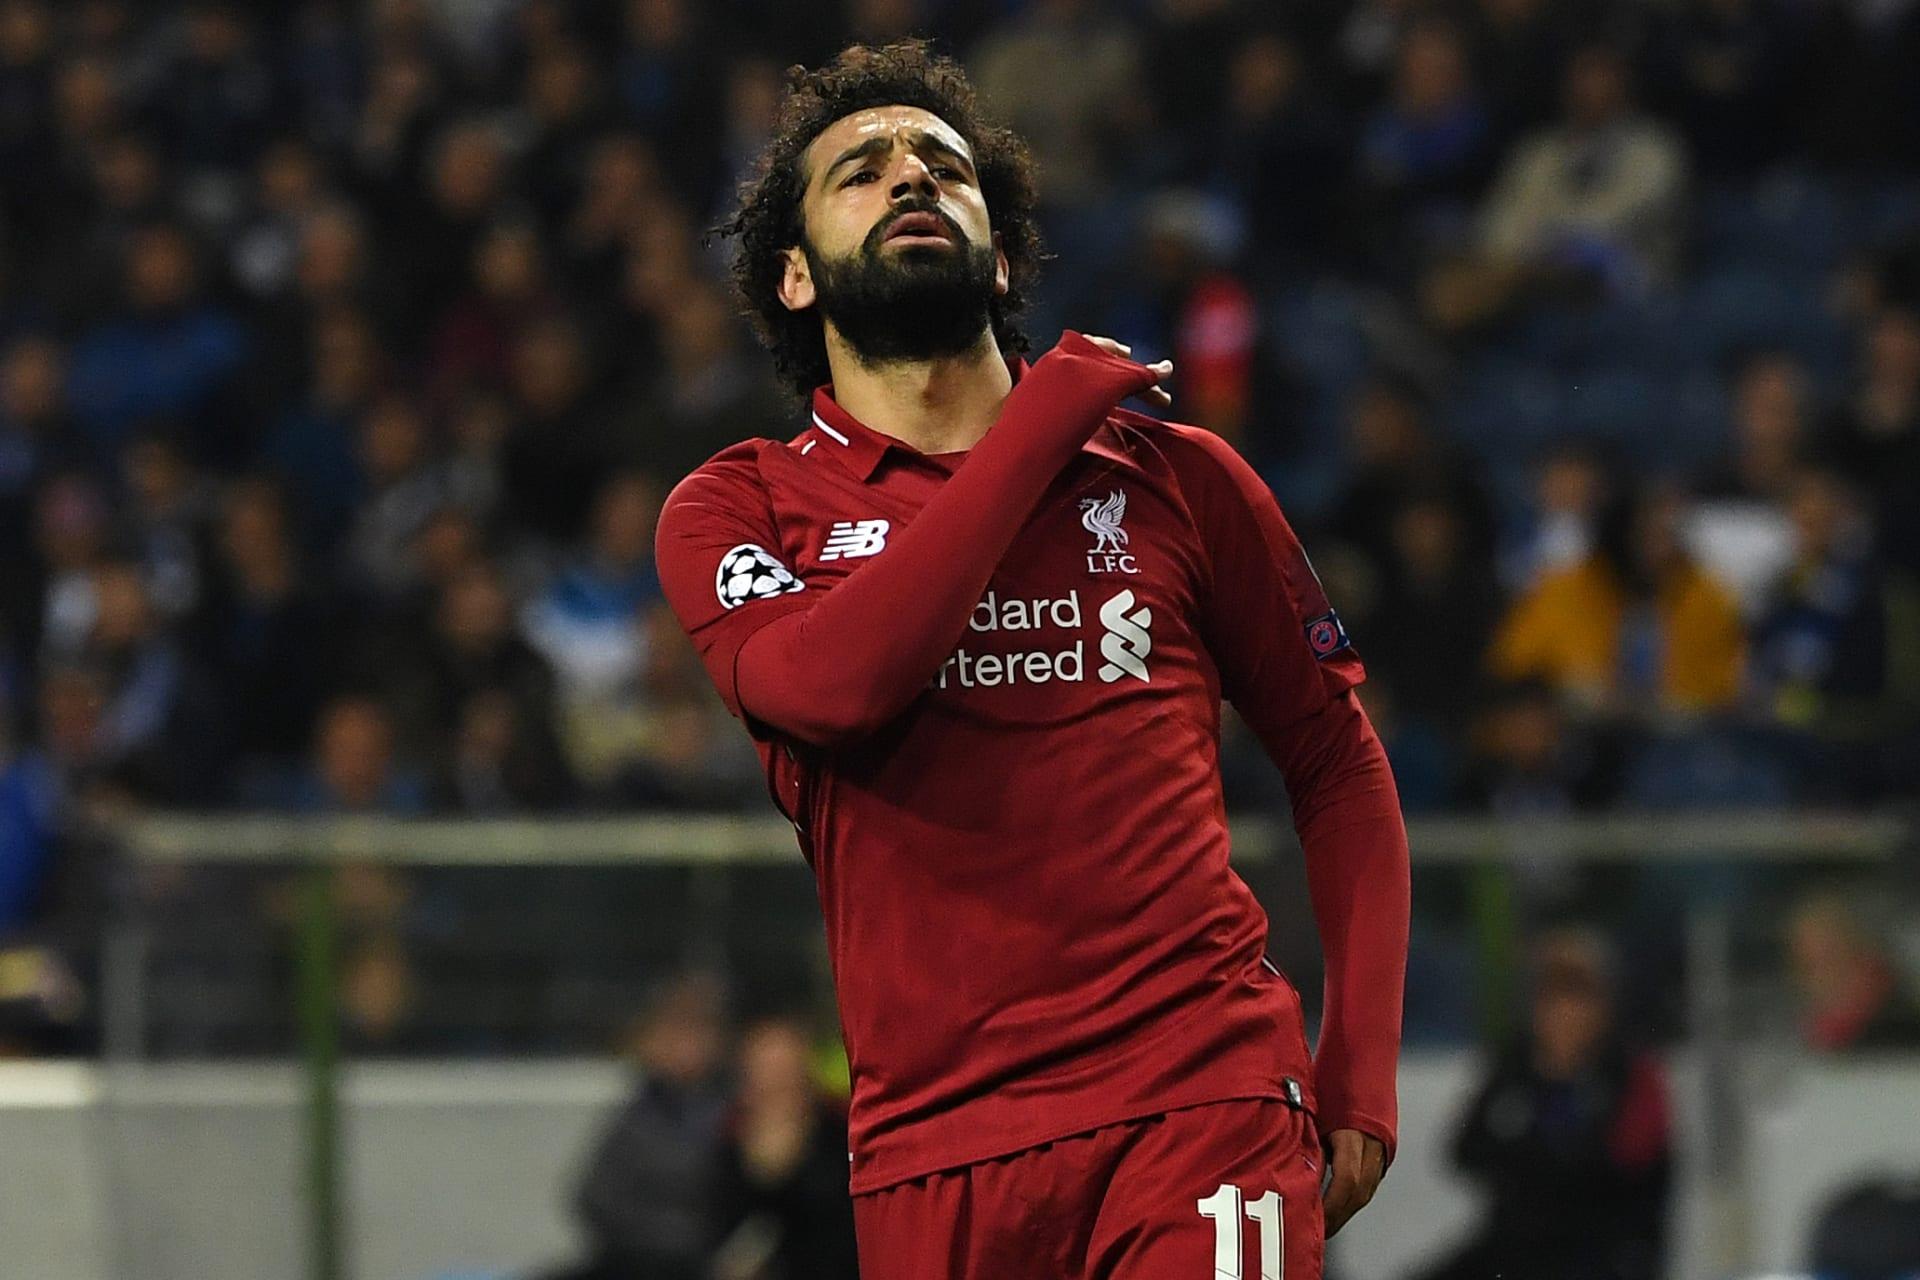 محمد صلاح يفقد فرصه بالمنافسة على لقب الأفضل في إنجلترا